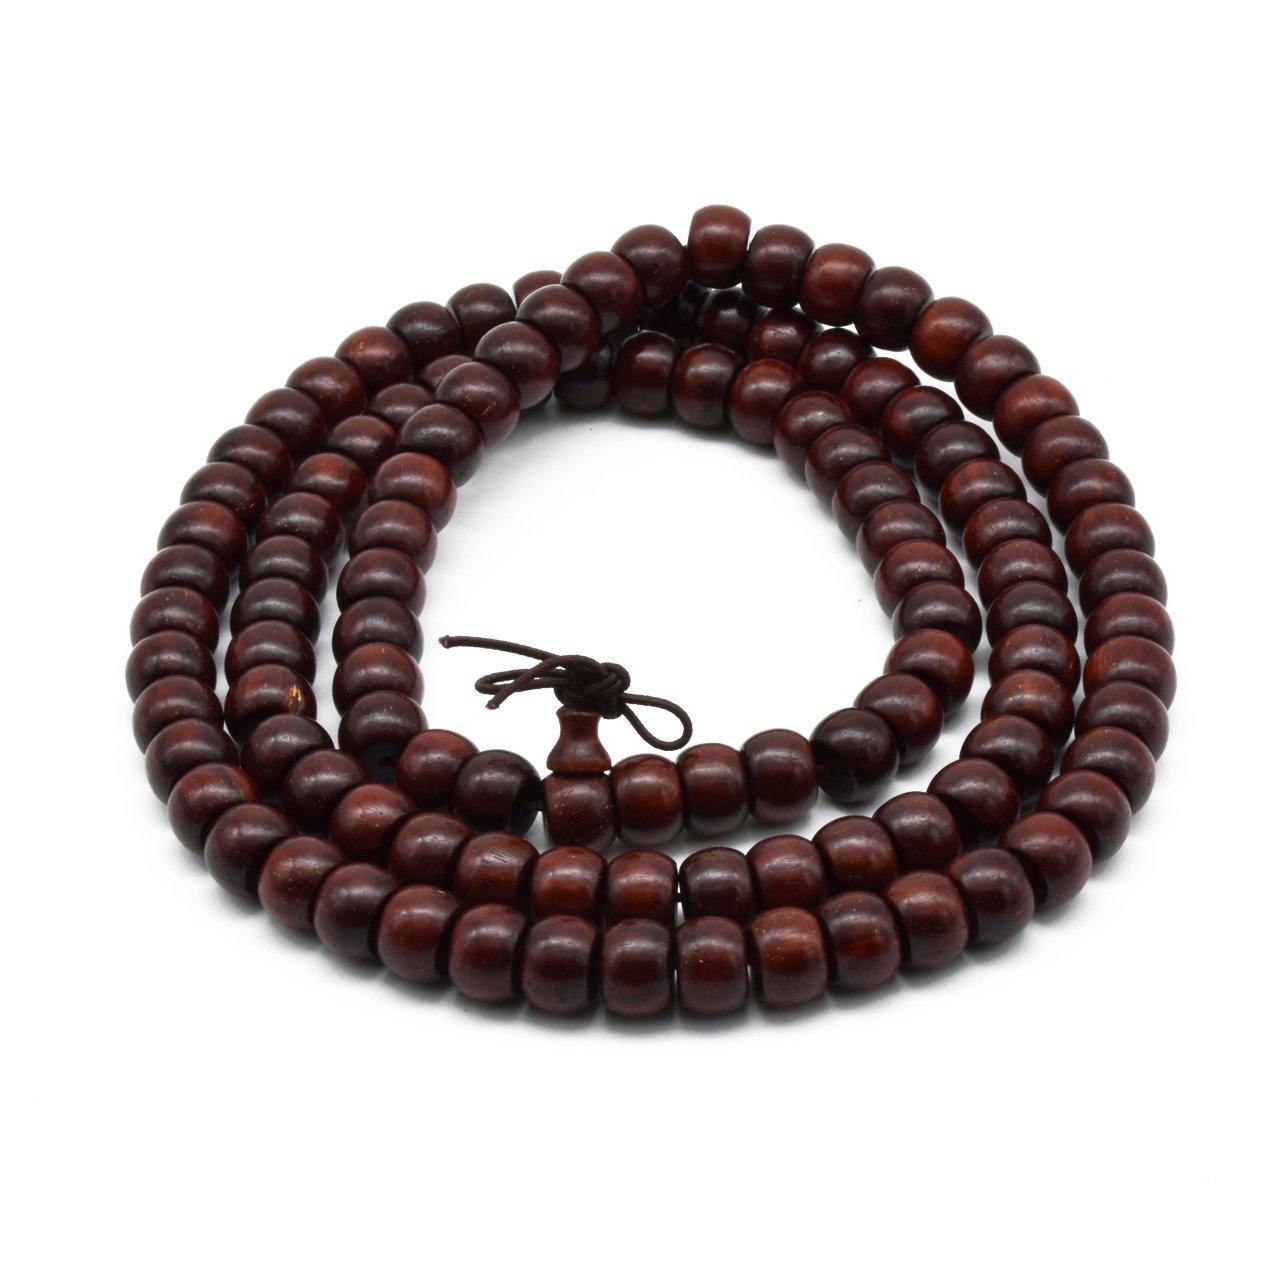 Zen Dear Unisex Natural African Blood Red Sandalwood Prayer Beads Tibetan Buddhism Mala Bracelet Necklace (6mm x 8mm x 108 Beads)